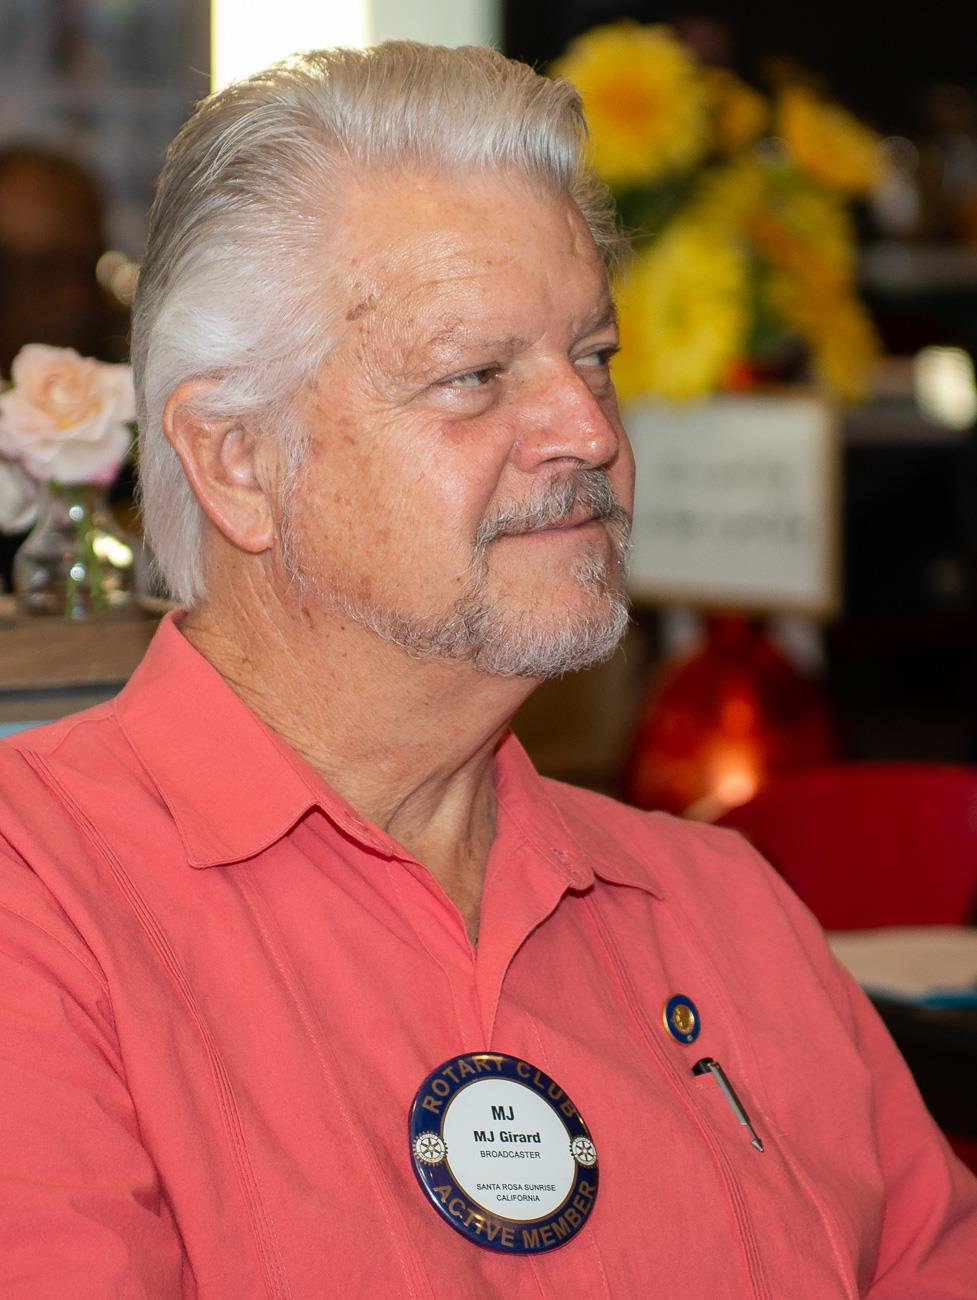 MJ Girard